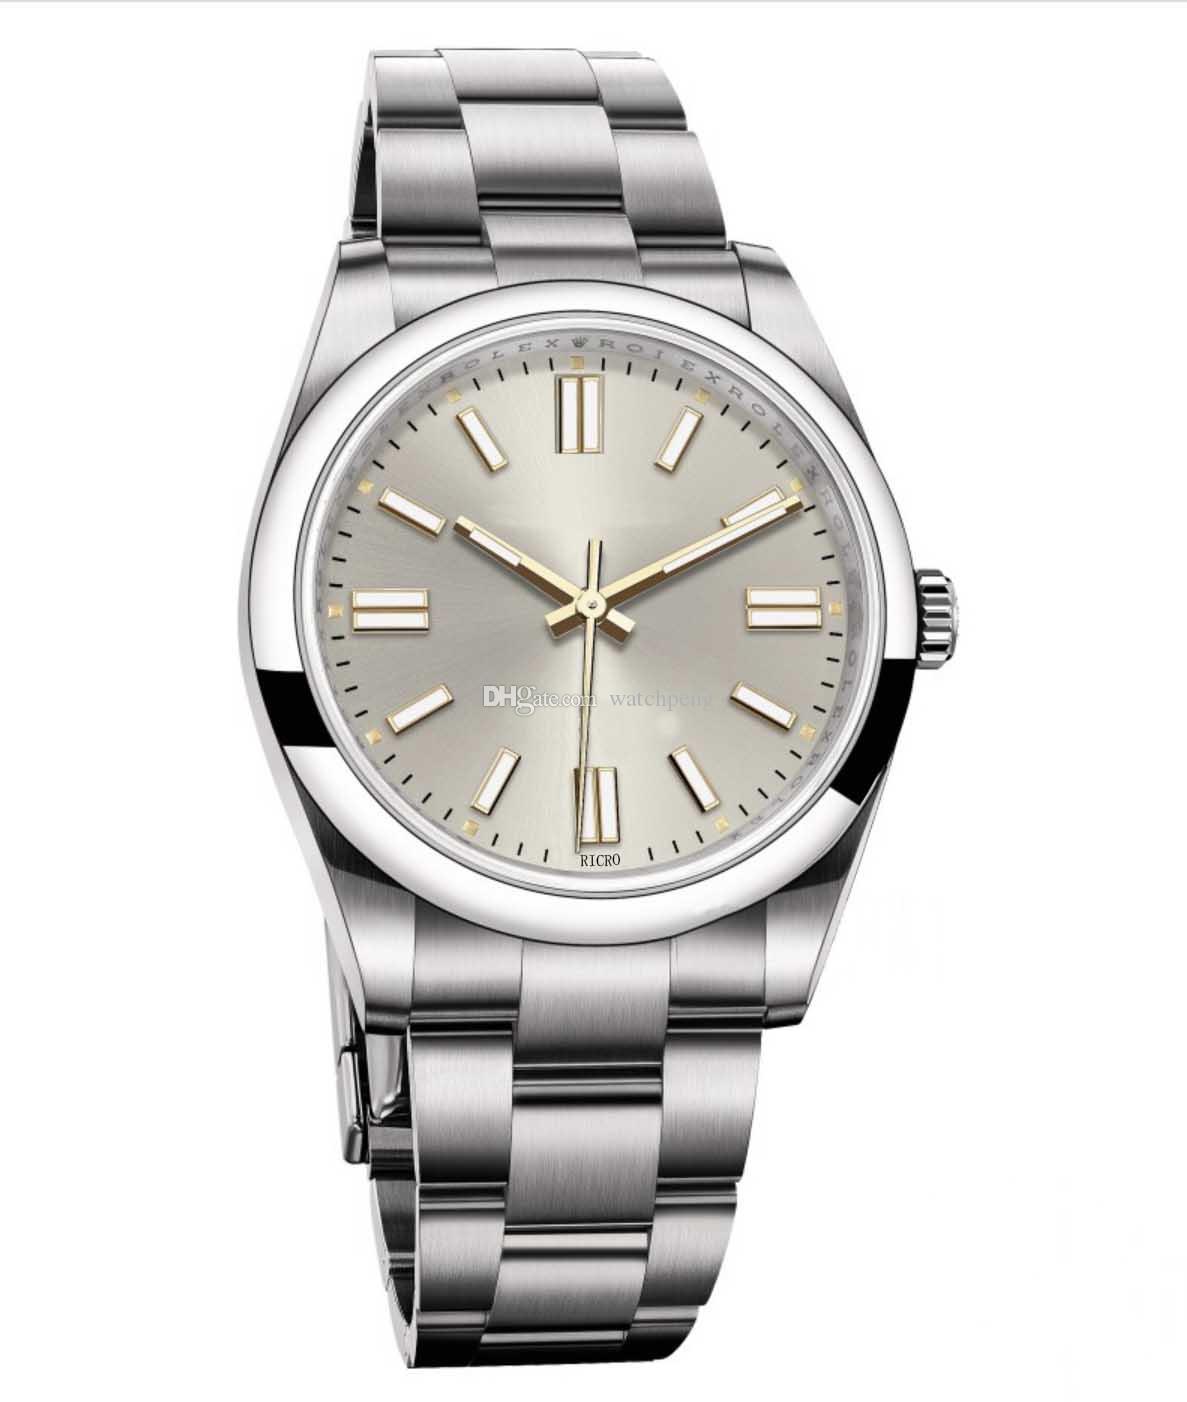 Maestro, orologio da uomo, struttura in acciaio inox, movimento meccanico automatico, stile sportivo, vetro zaffiro, vendita all'ingrosso al dettaglio, 36 mm, 41mm